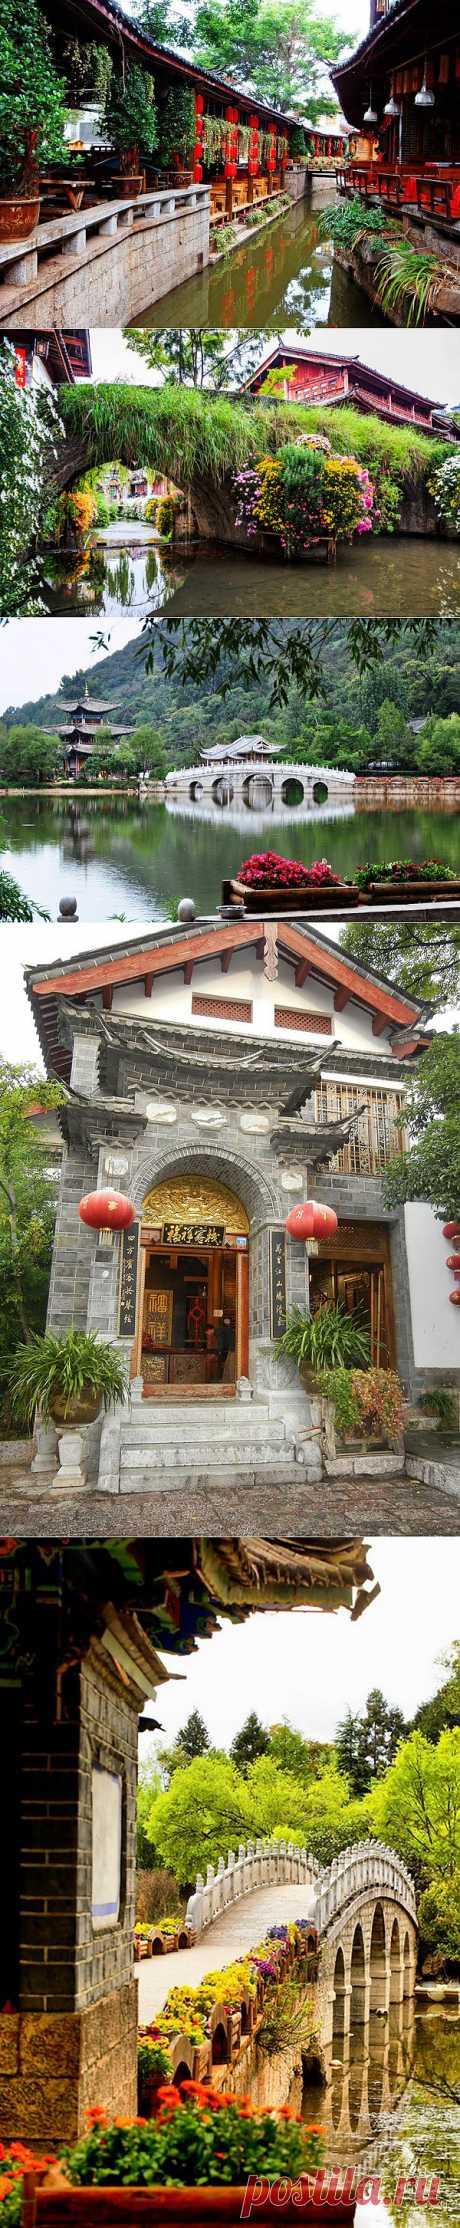 Красивый старый город - Лицзян. Китай | Наш уютный дом